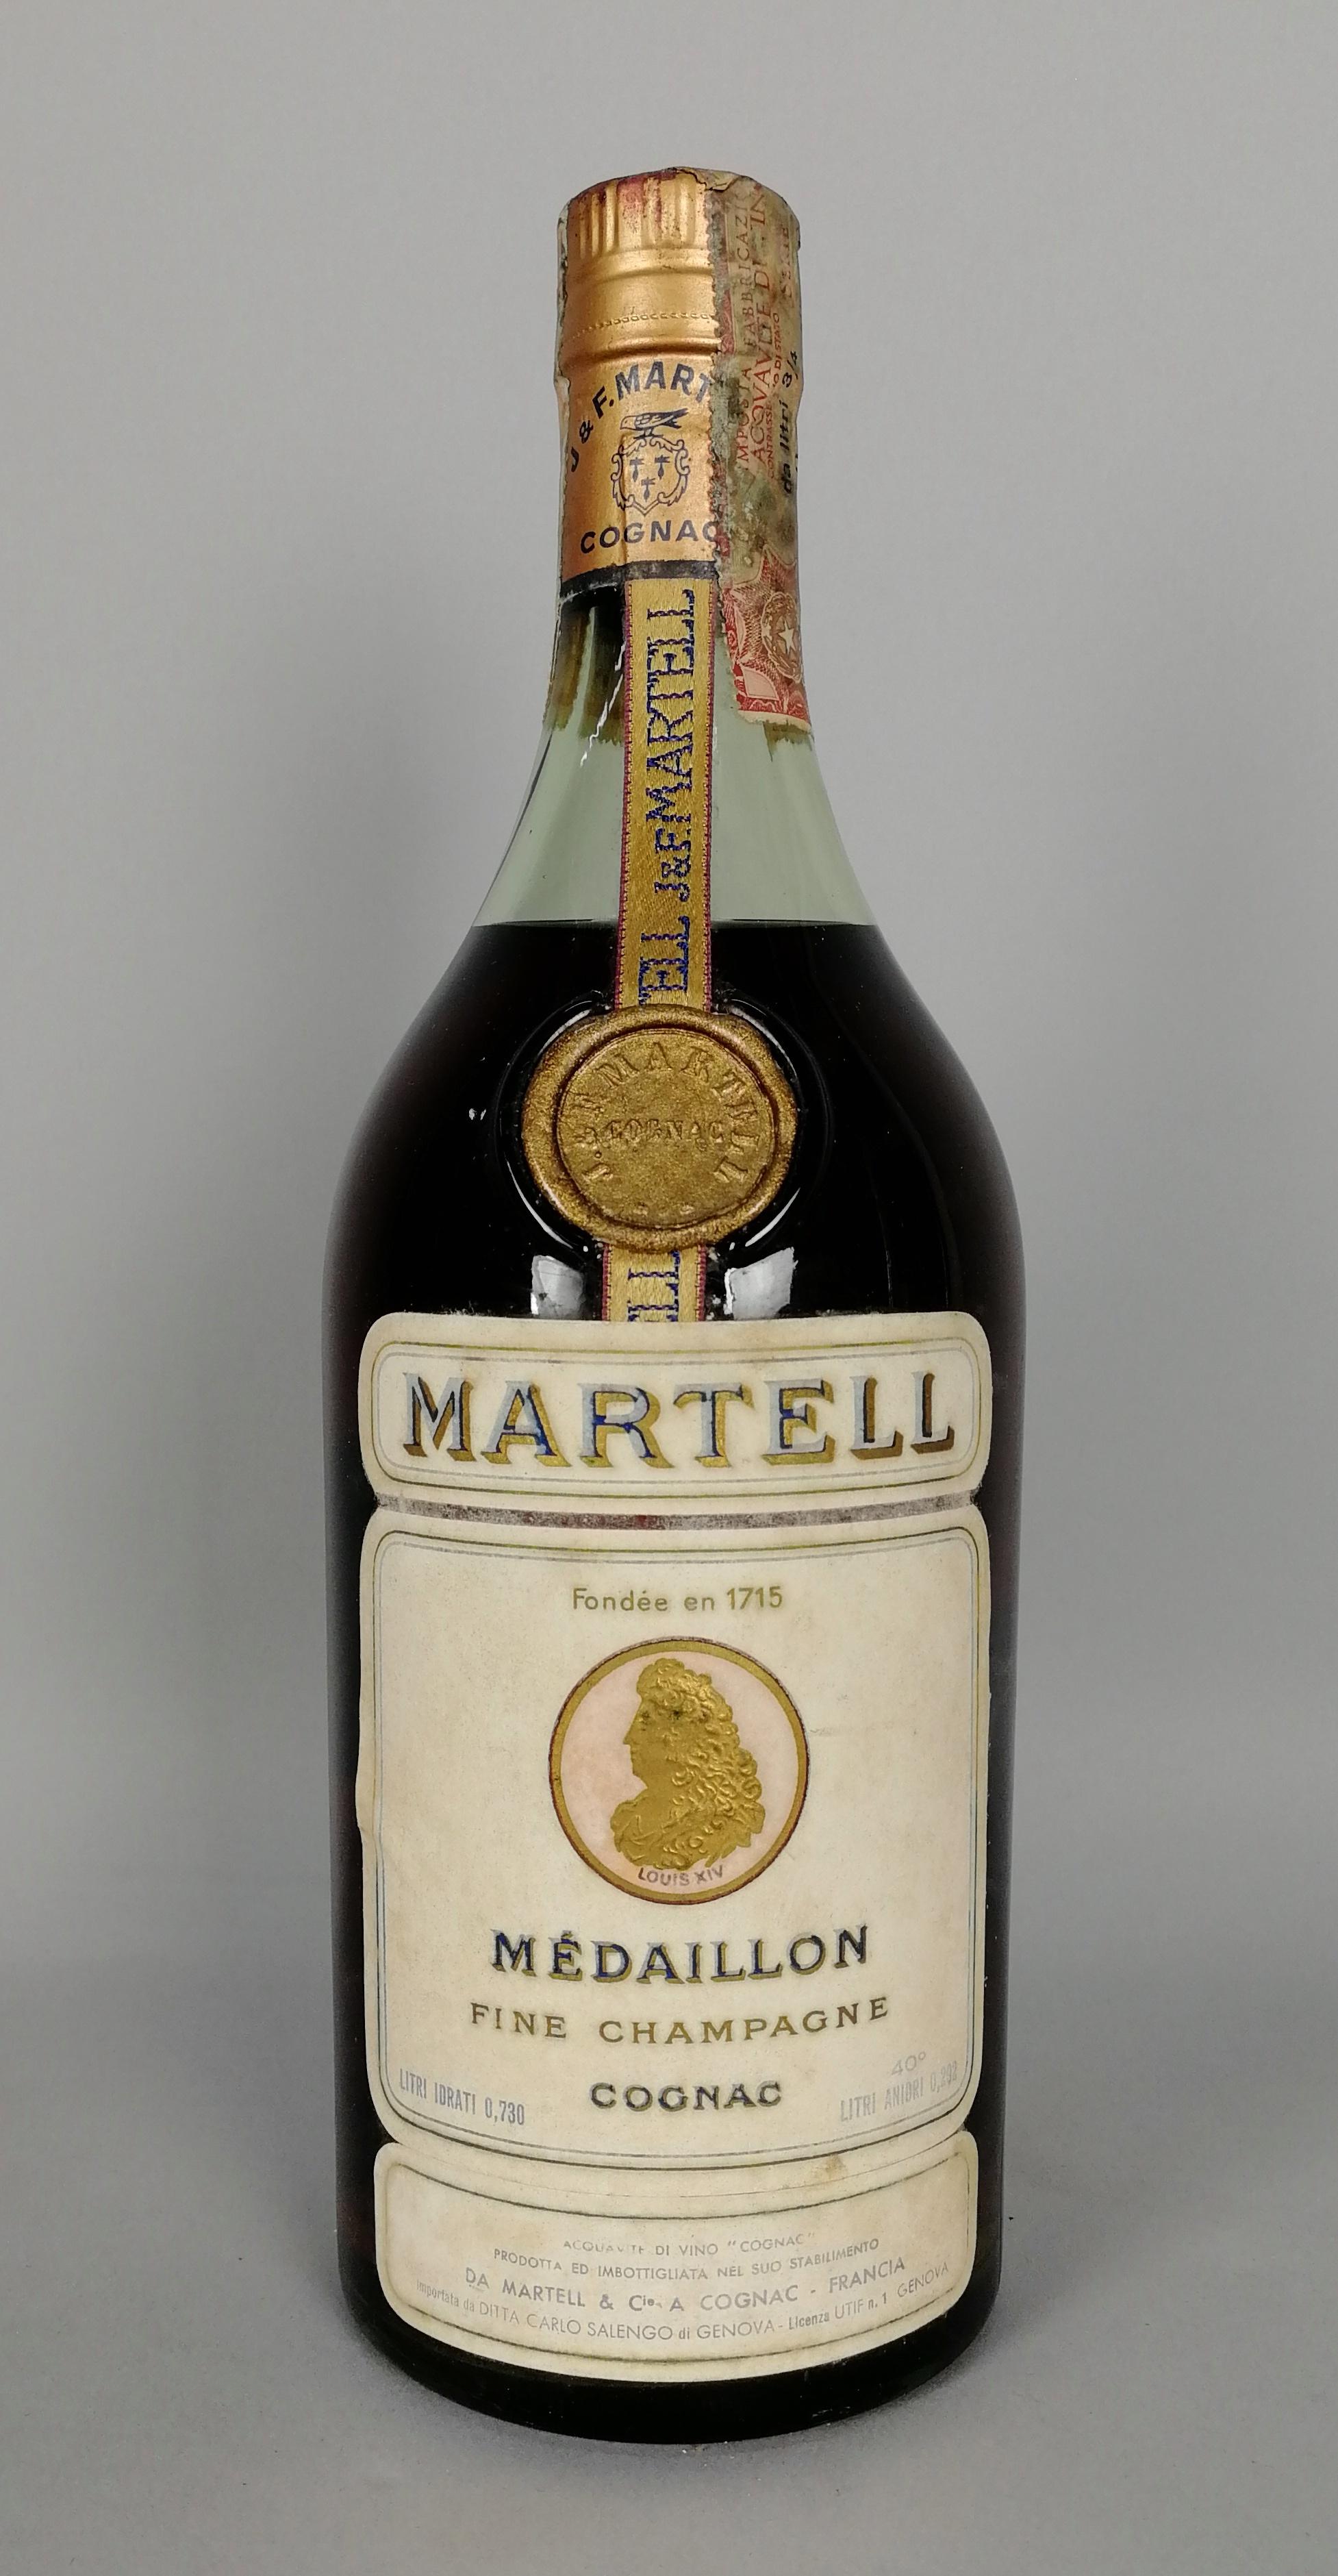 Lot 54 - Cognac MARTELL - Médaillon. Acquaviti della Grande e Petite Champagne invecchiati circa dodici anni.